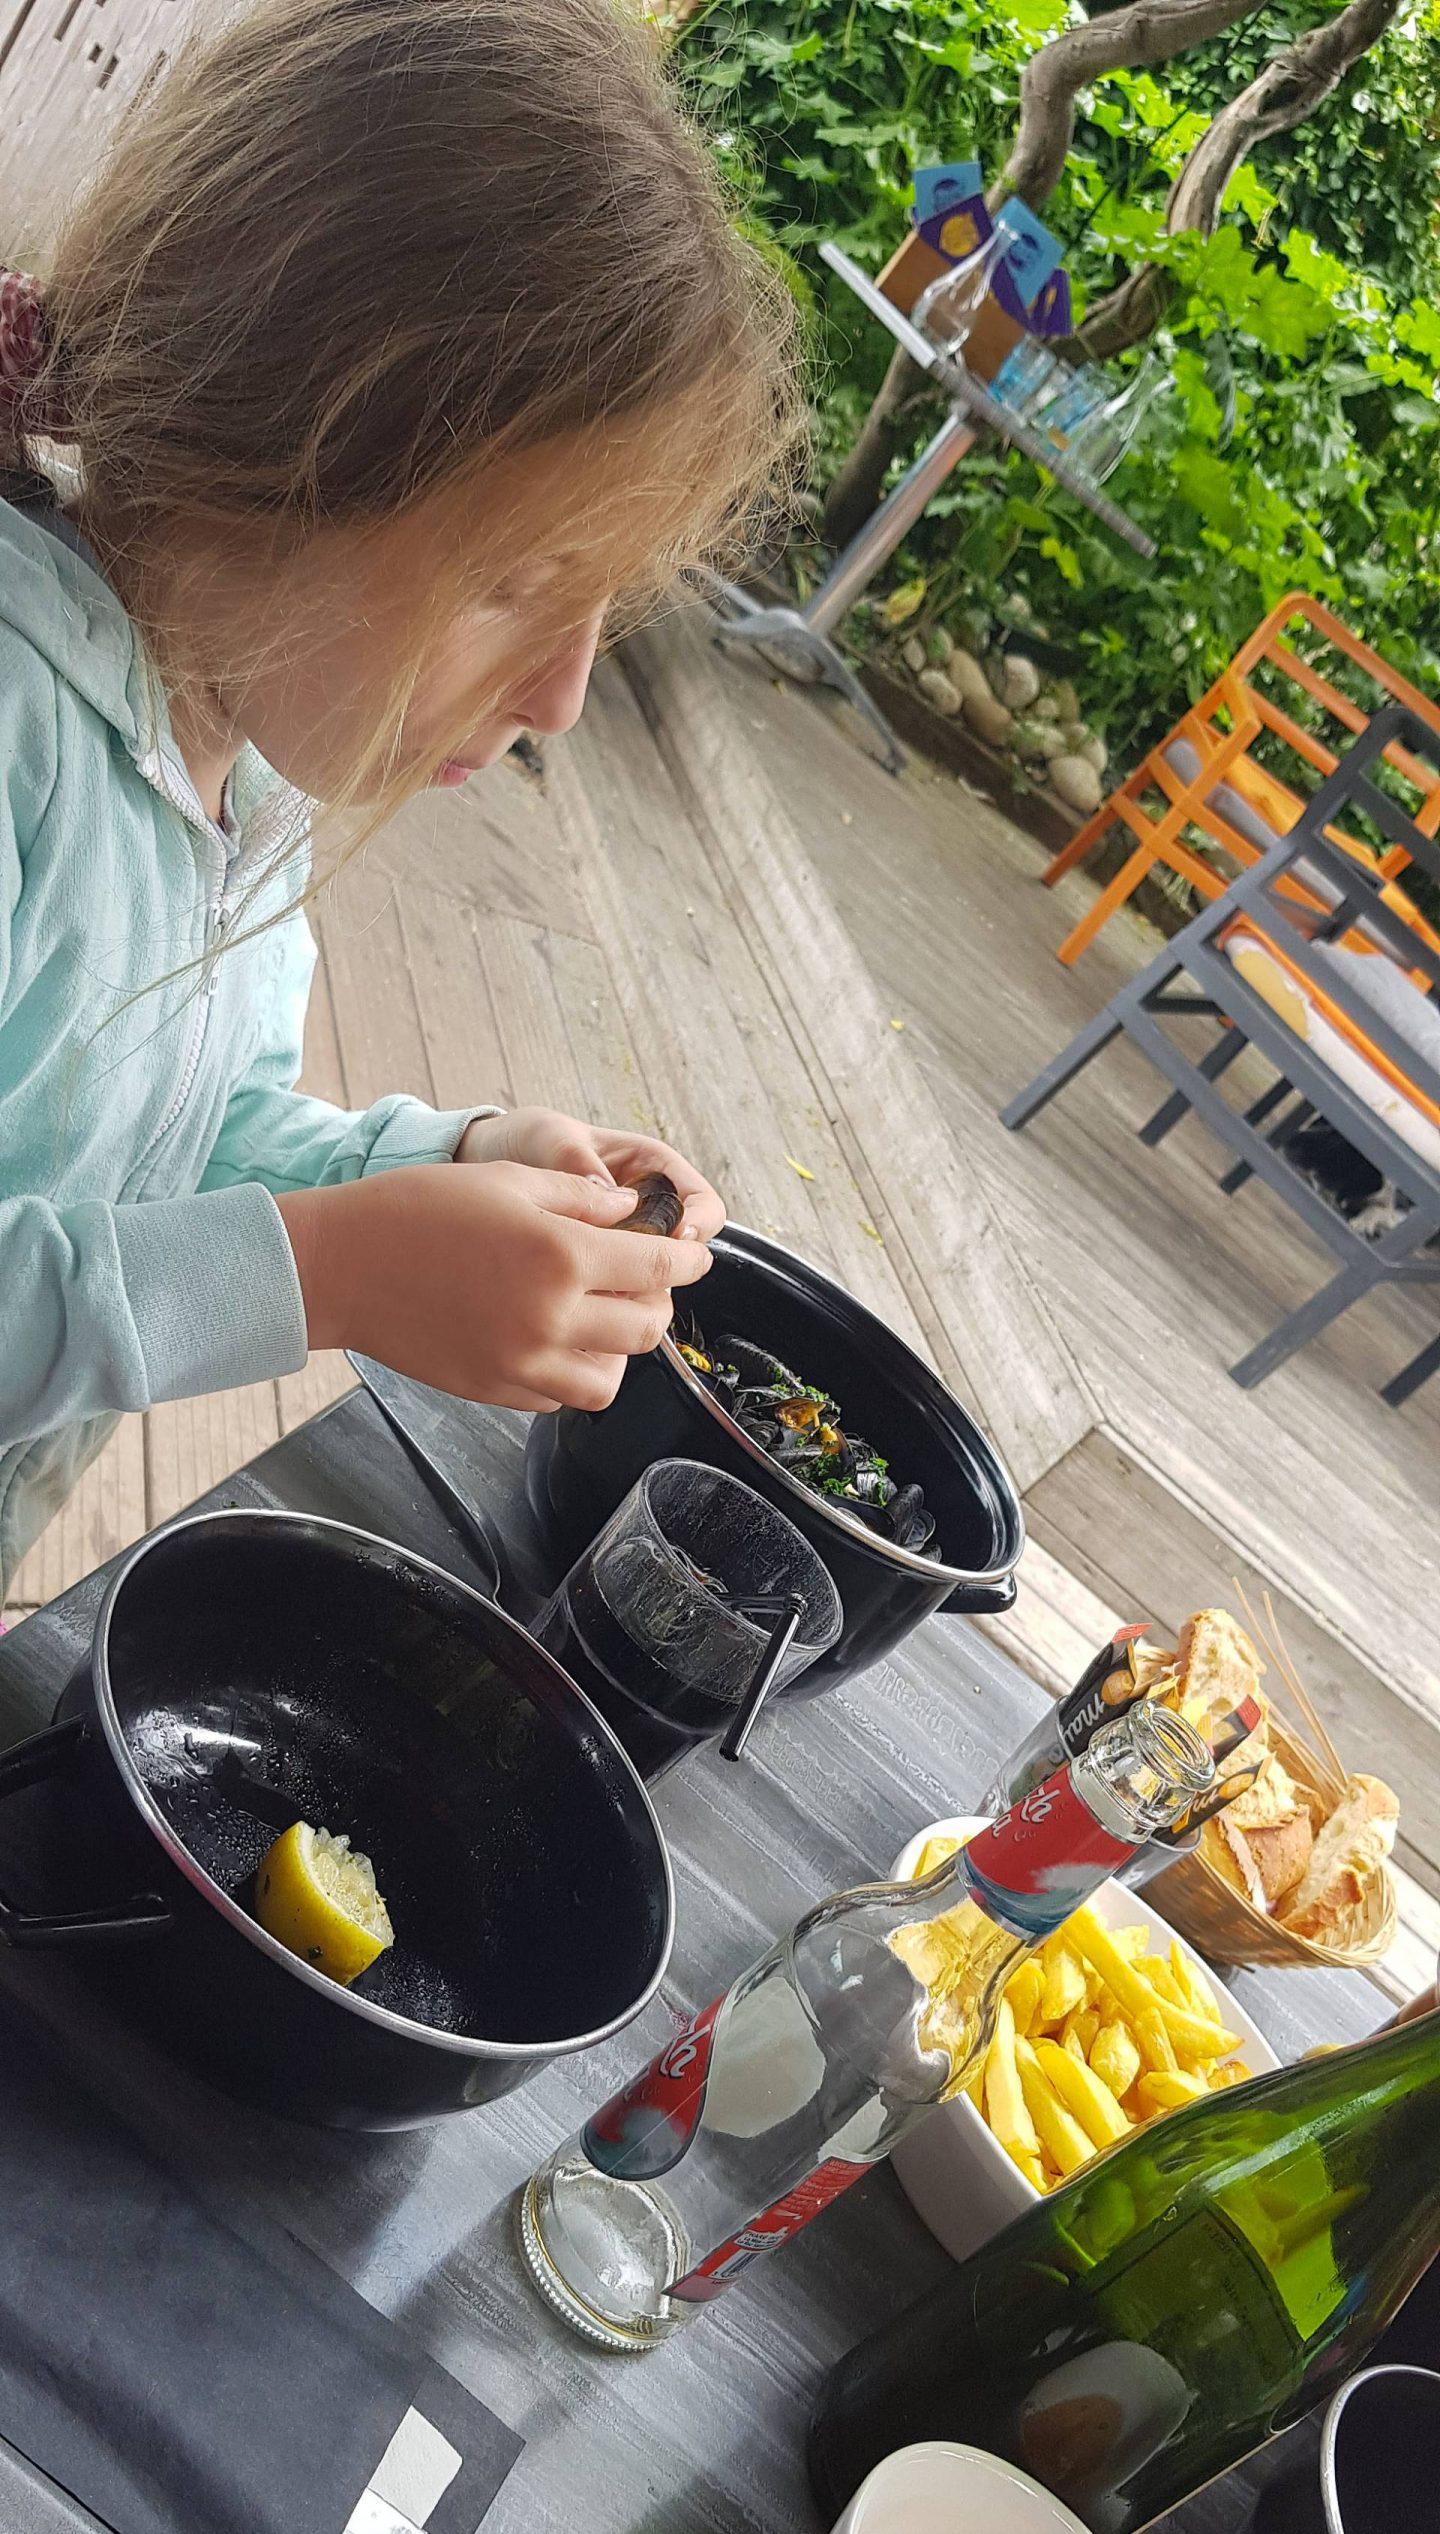 moules-frites at Les Cochons Flingueurs, St Quay